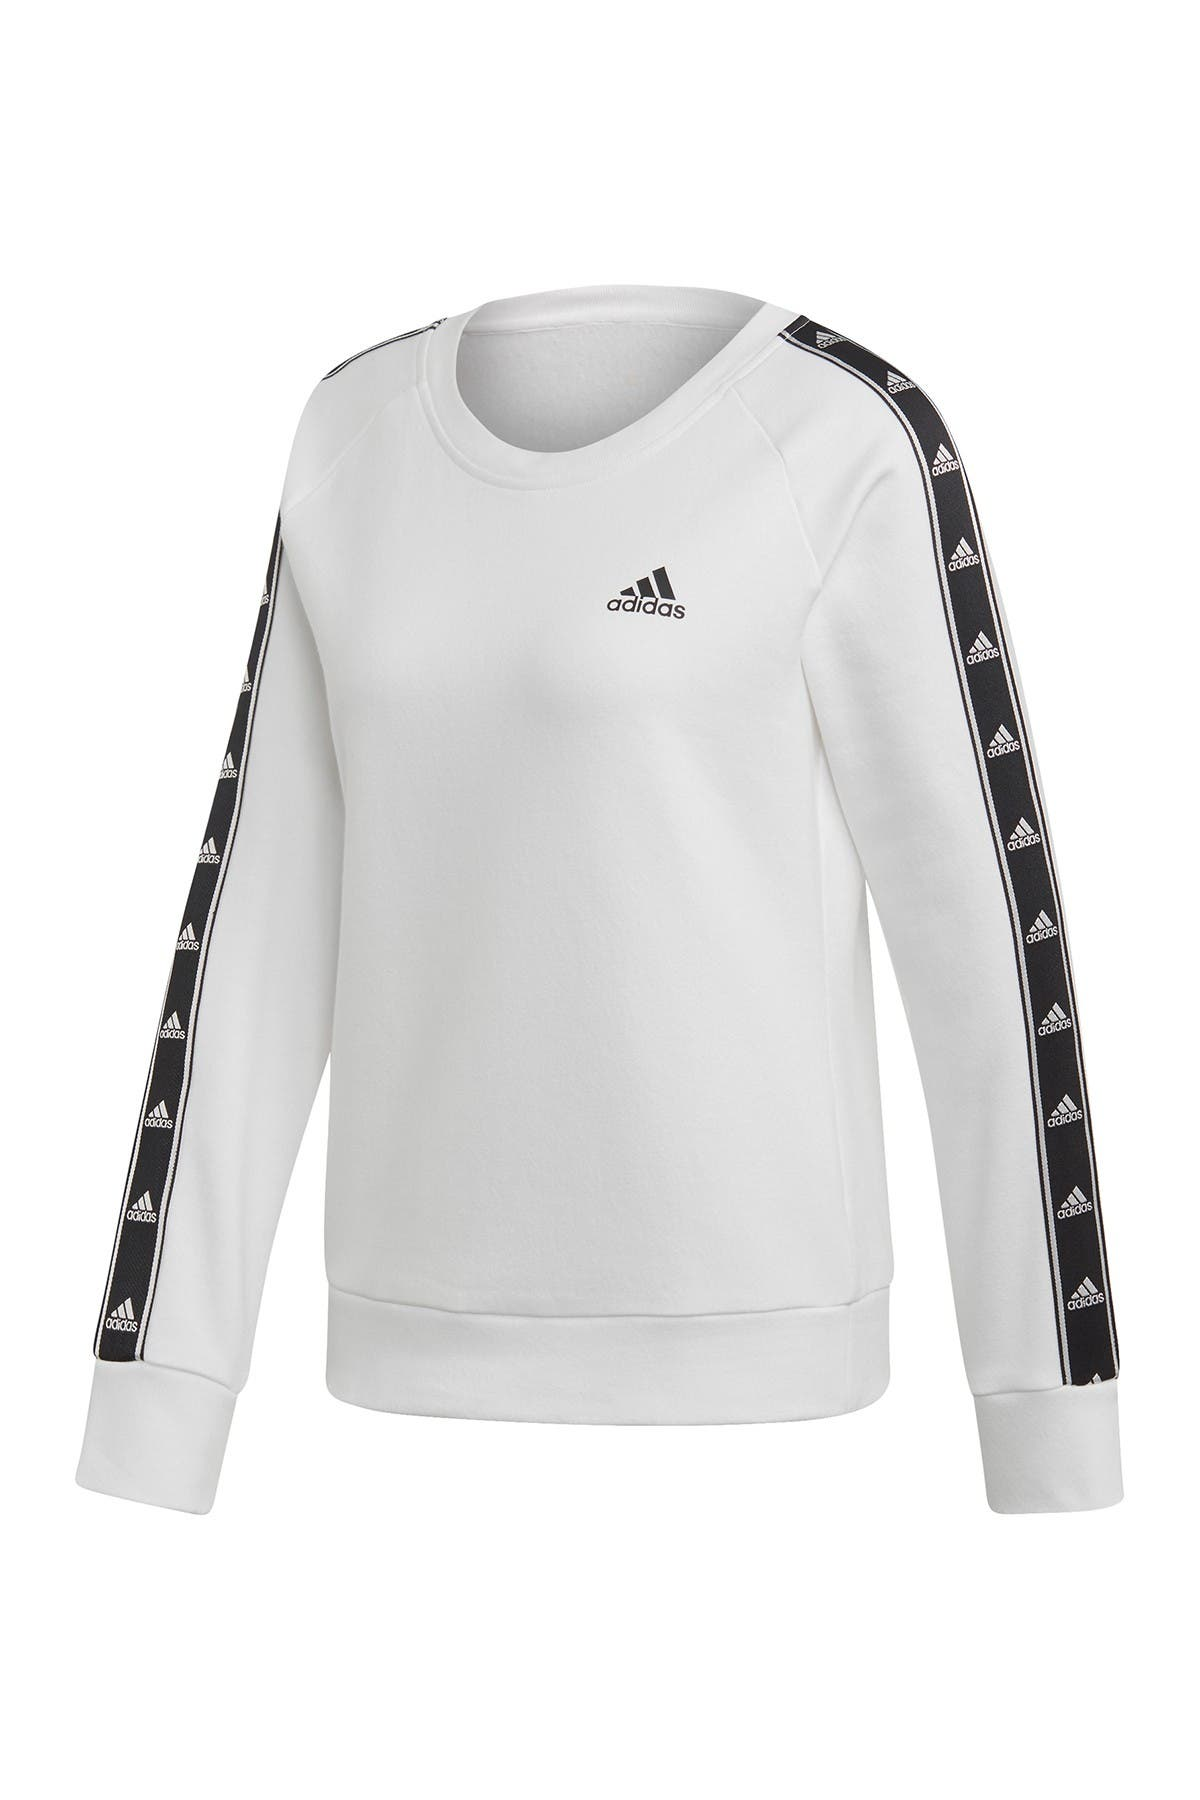 Image of adidas Tiro Fleece Soccer Sweatshirt